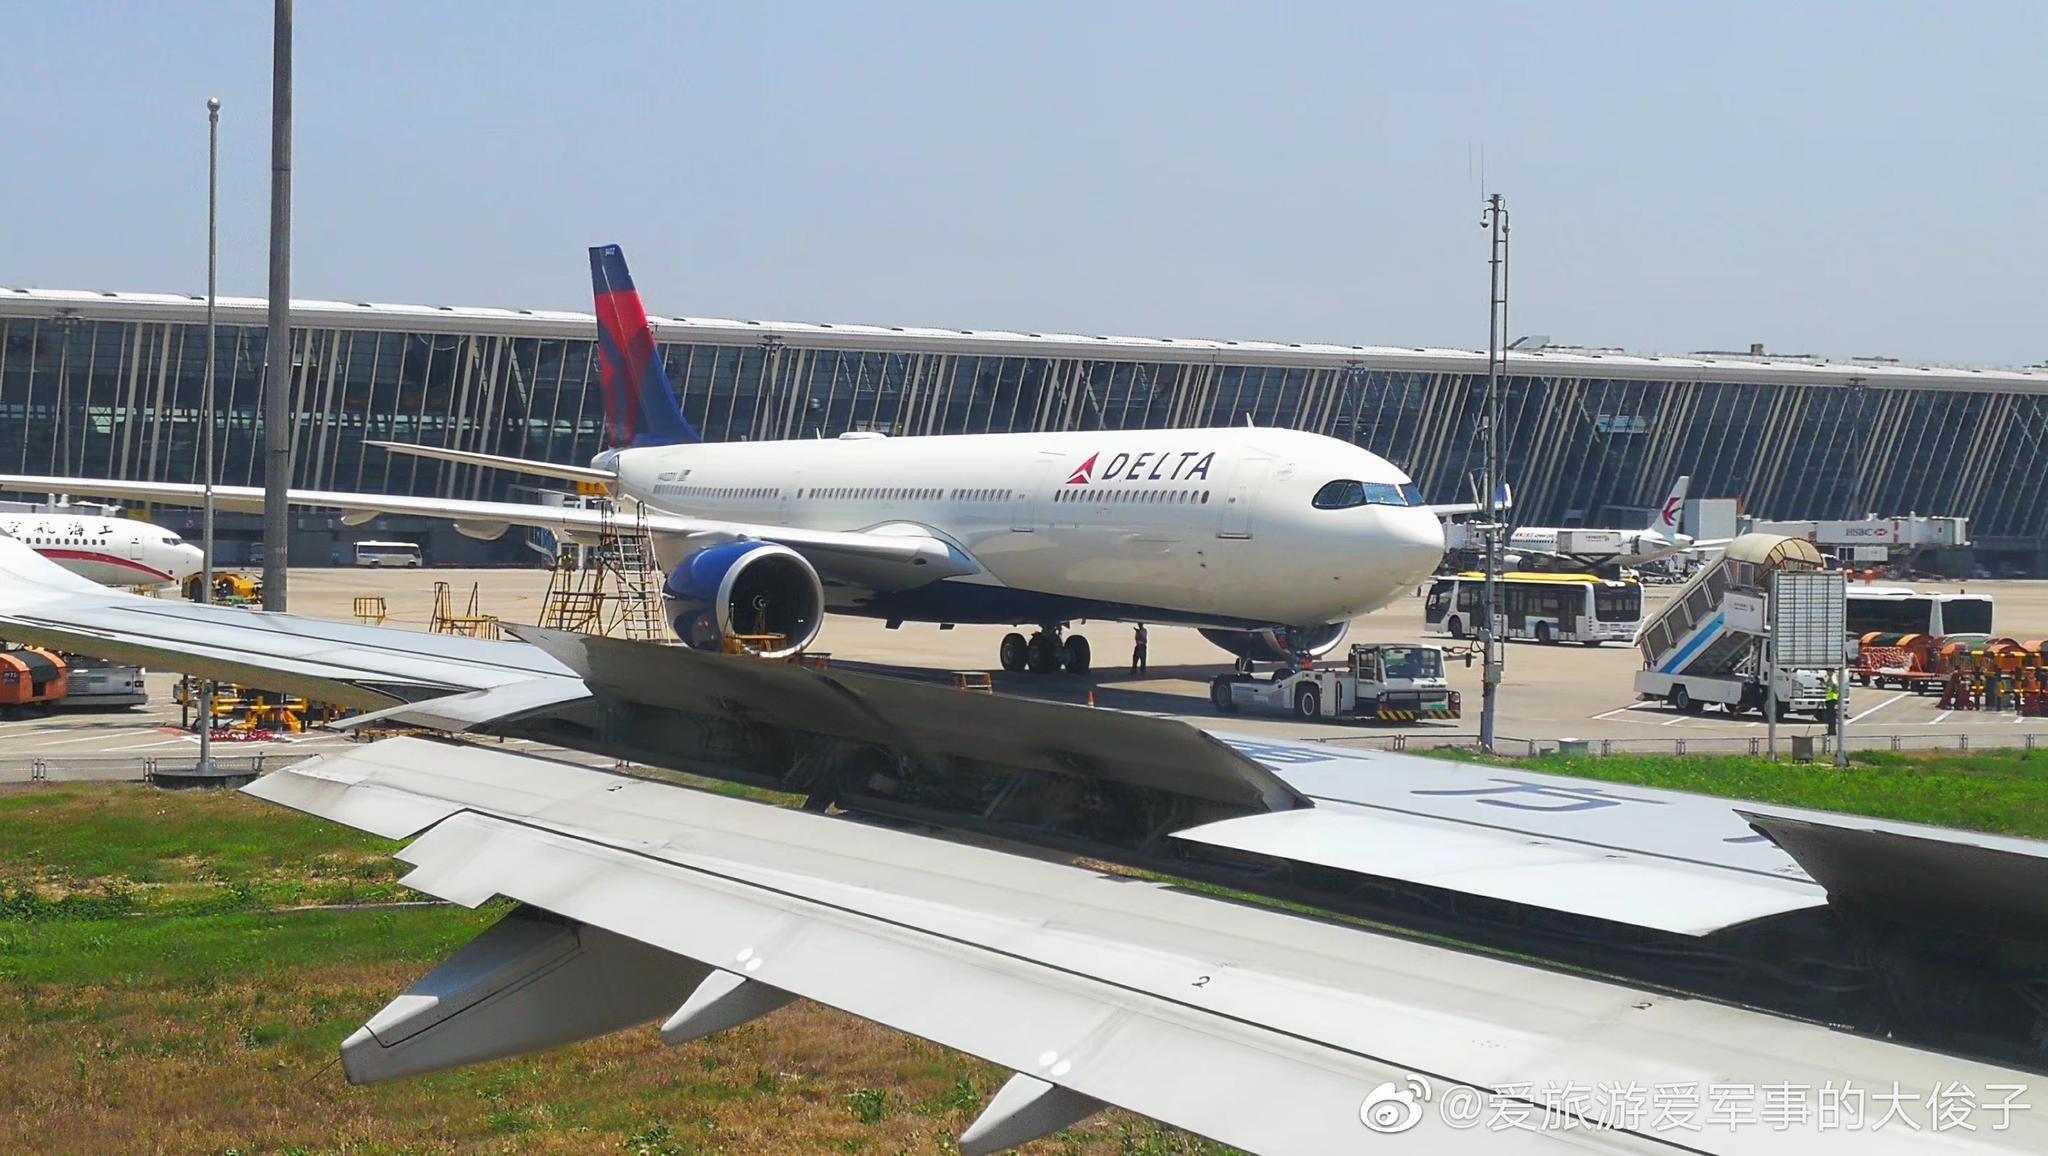 美国达美航空的空客A330-900neo (339)型客机@美国达美航空Delta